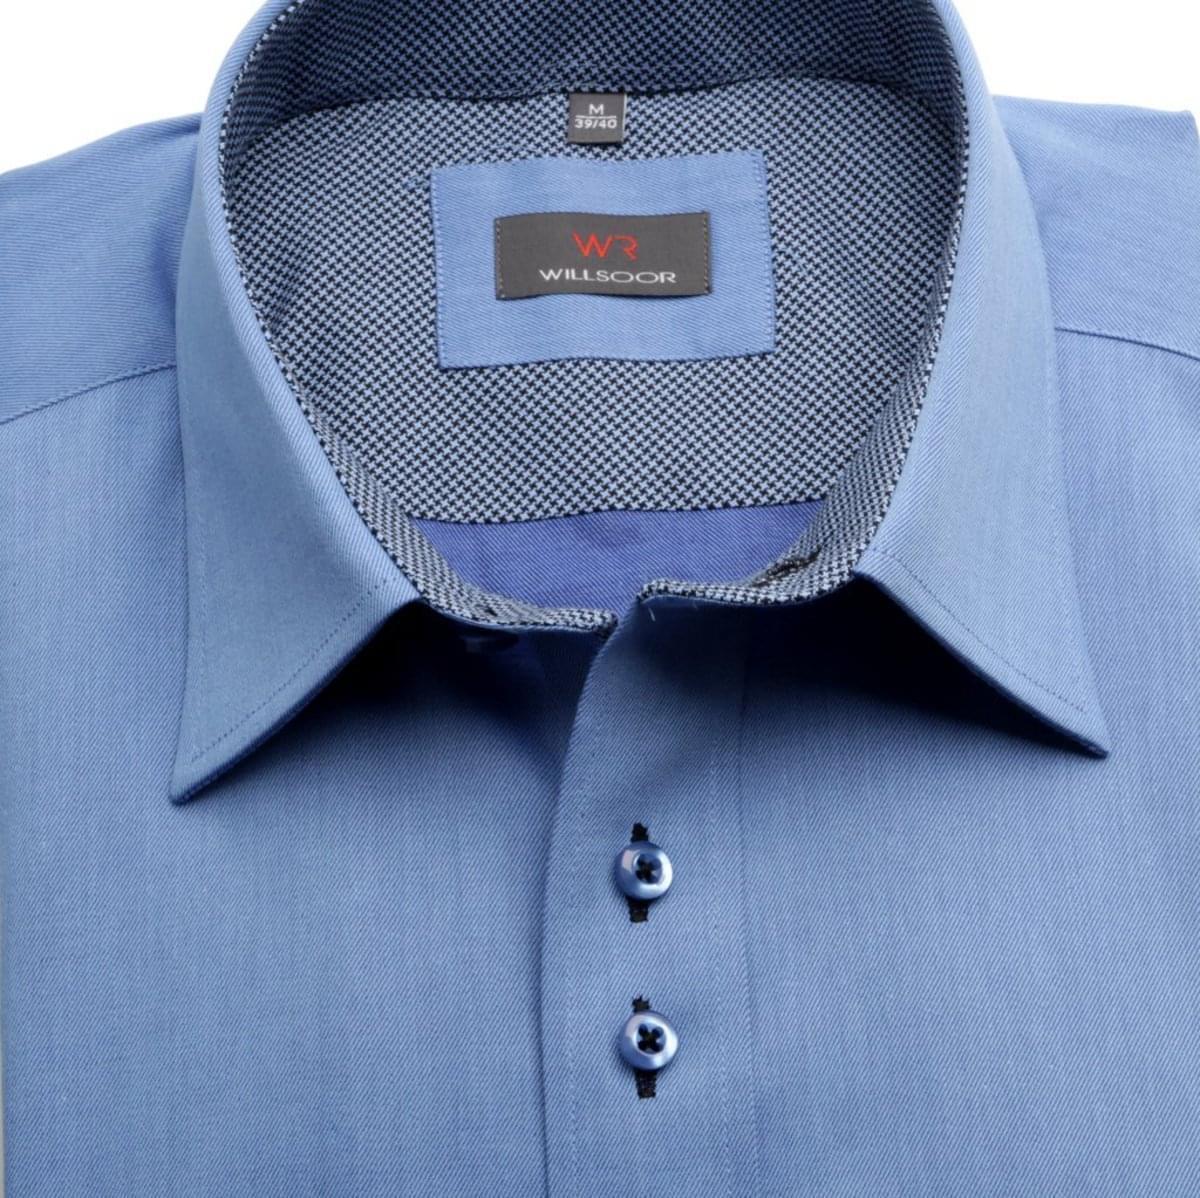 Košile WR Slim Fit (výška 164-170) 4308 164-170 / XL (43/44)